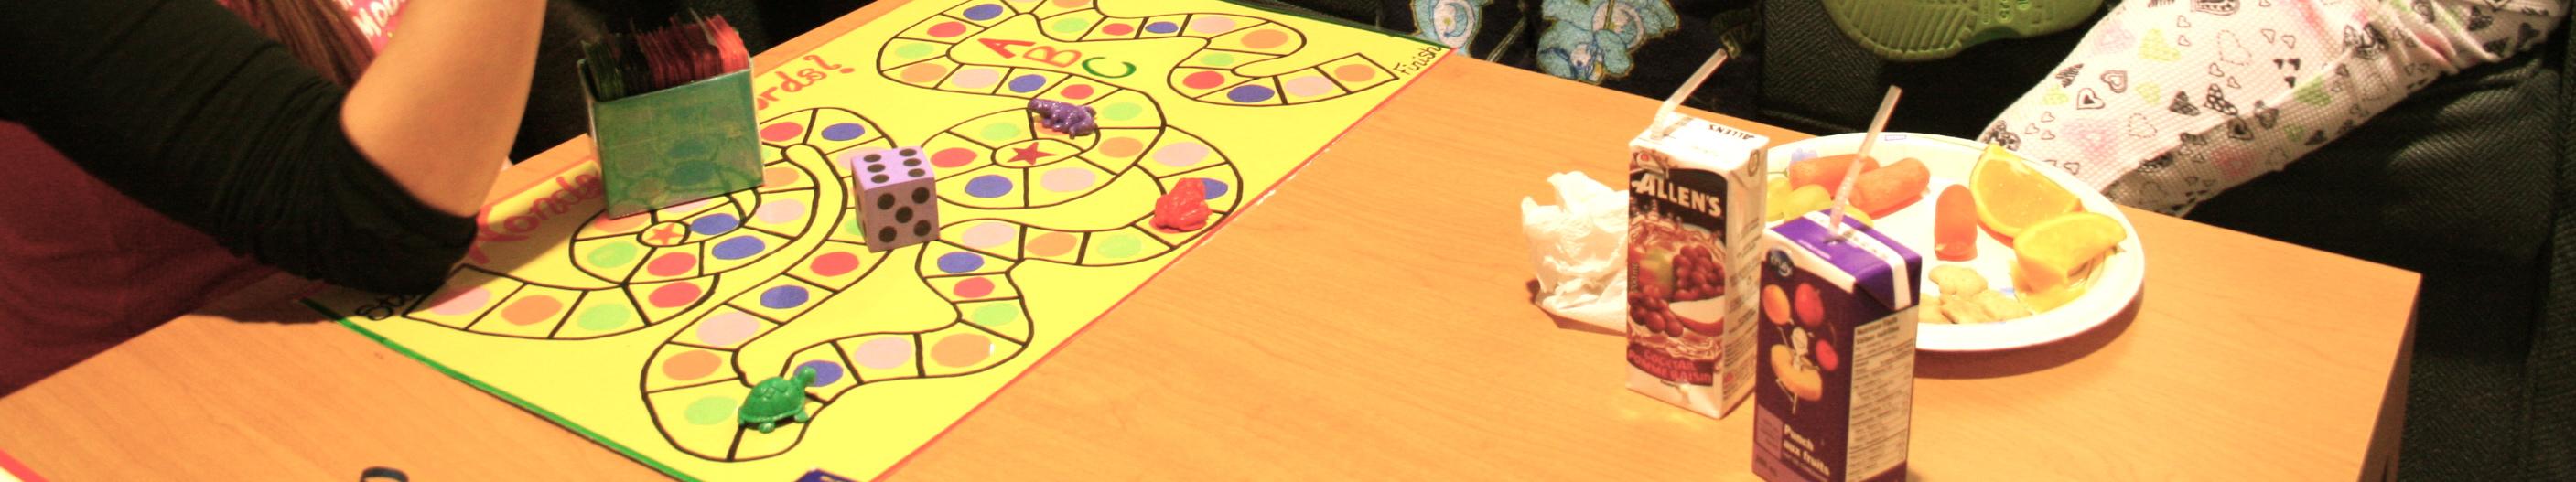 Ігровий слот starburst